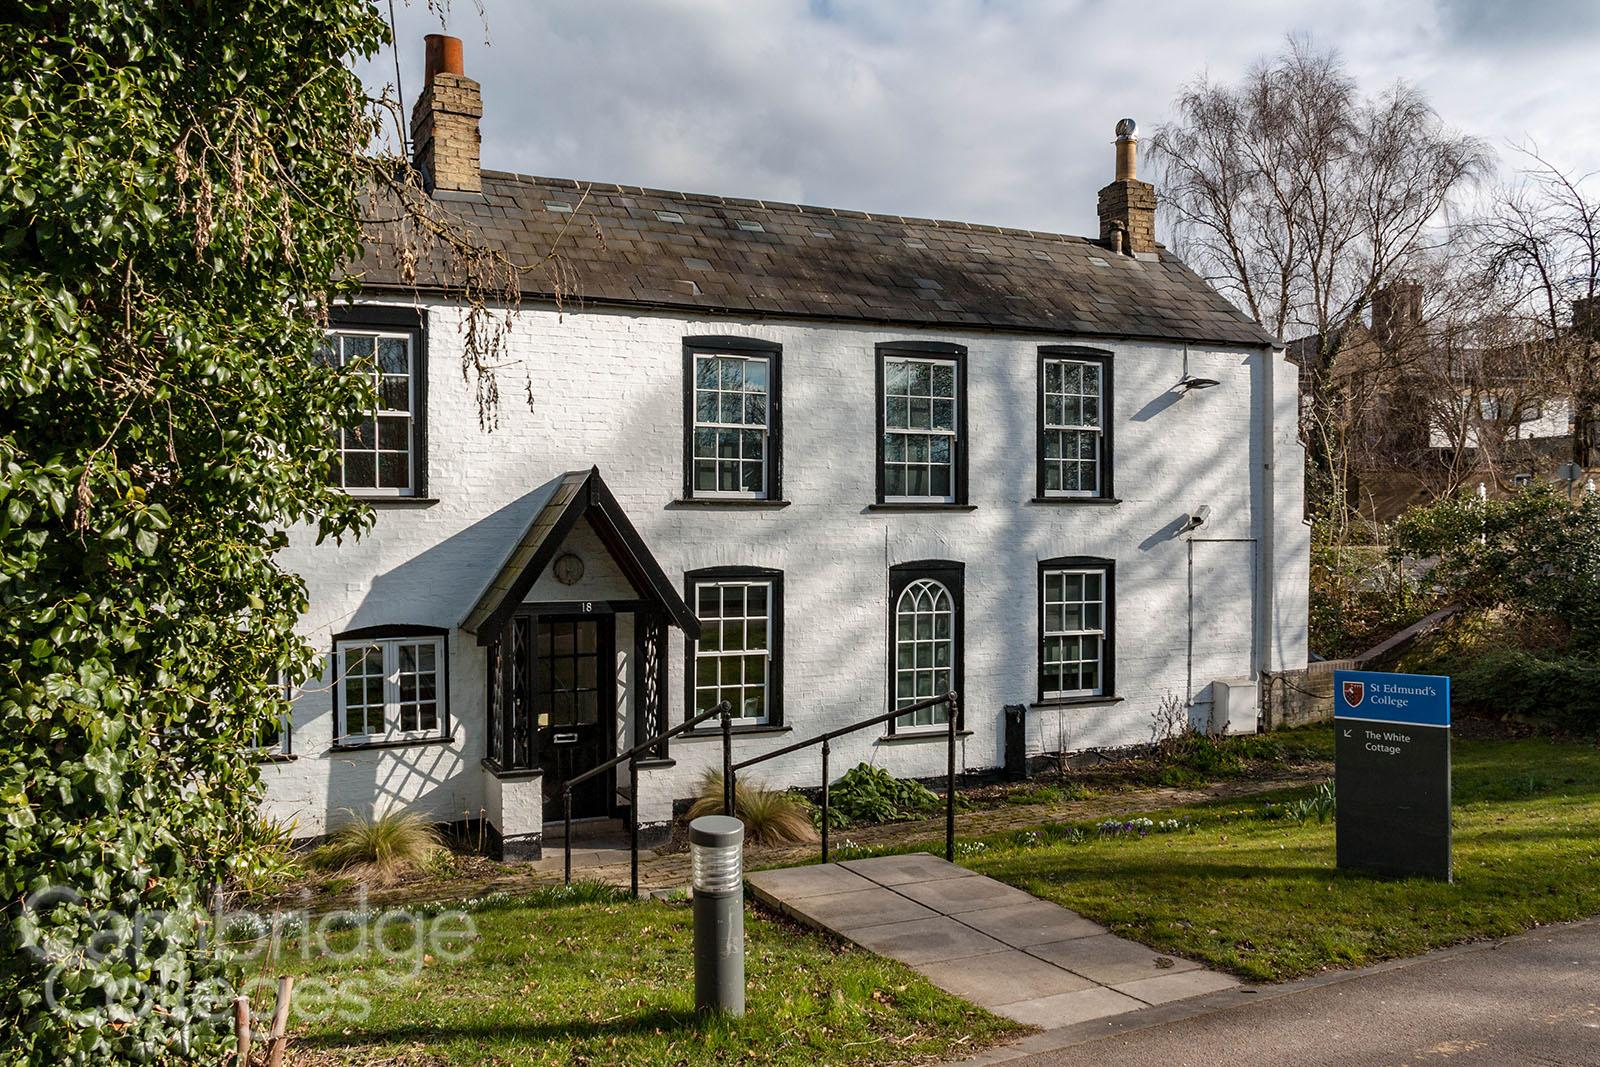 St Edmund's college White cottage